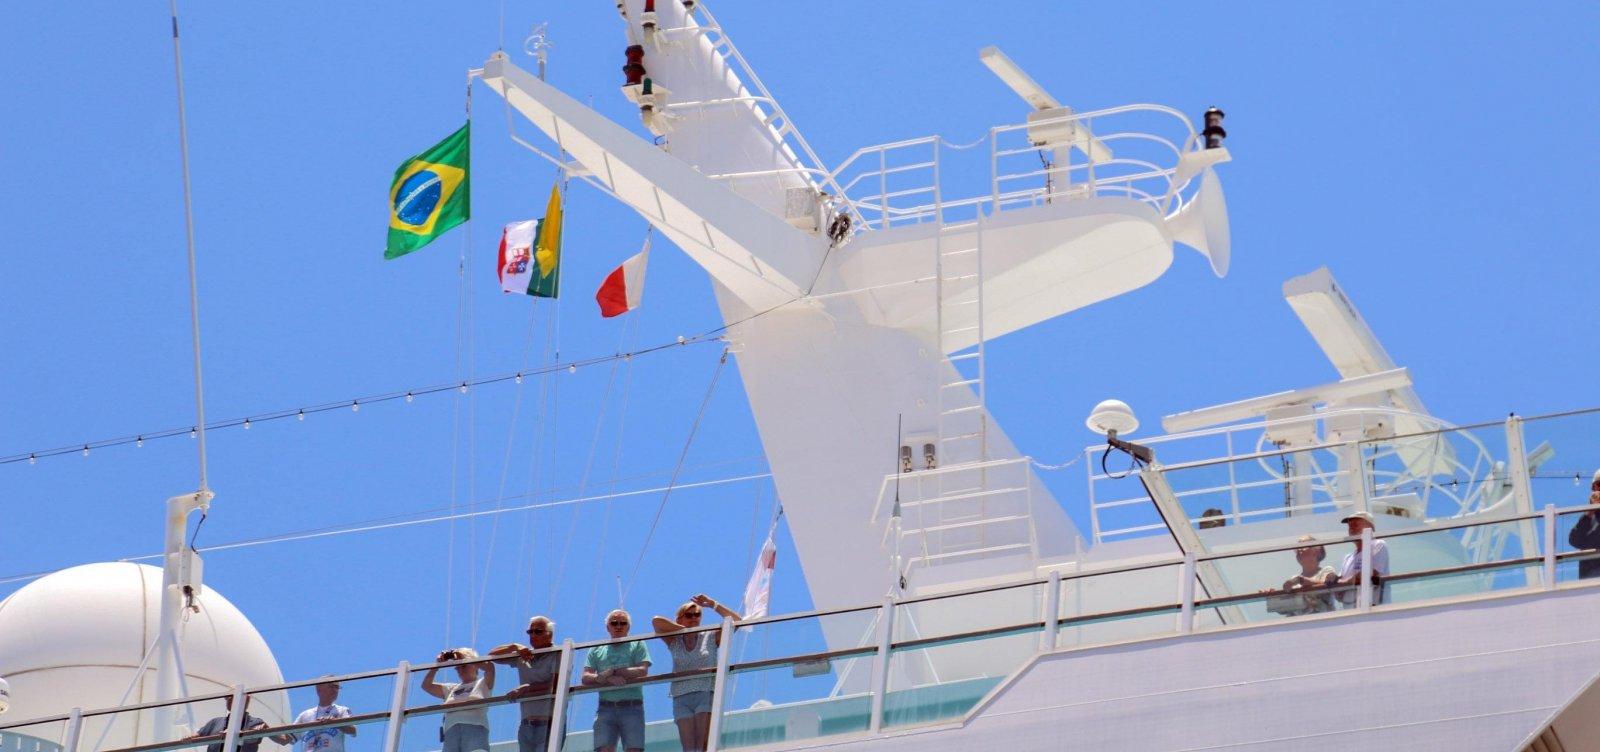 Porto de Salvador recebe três navios de cruzeiro nesta segunda